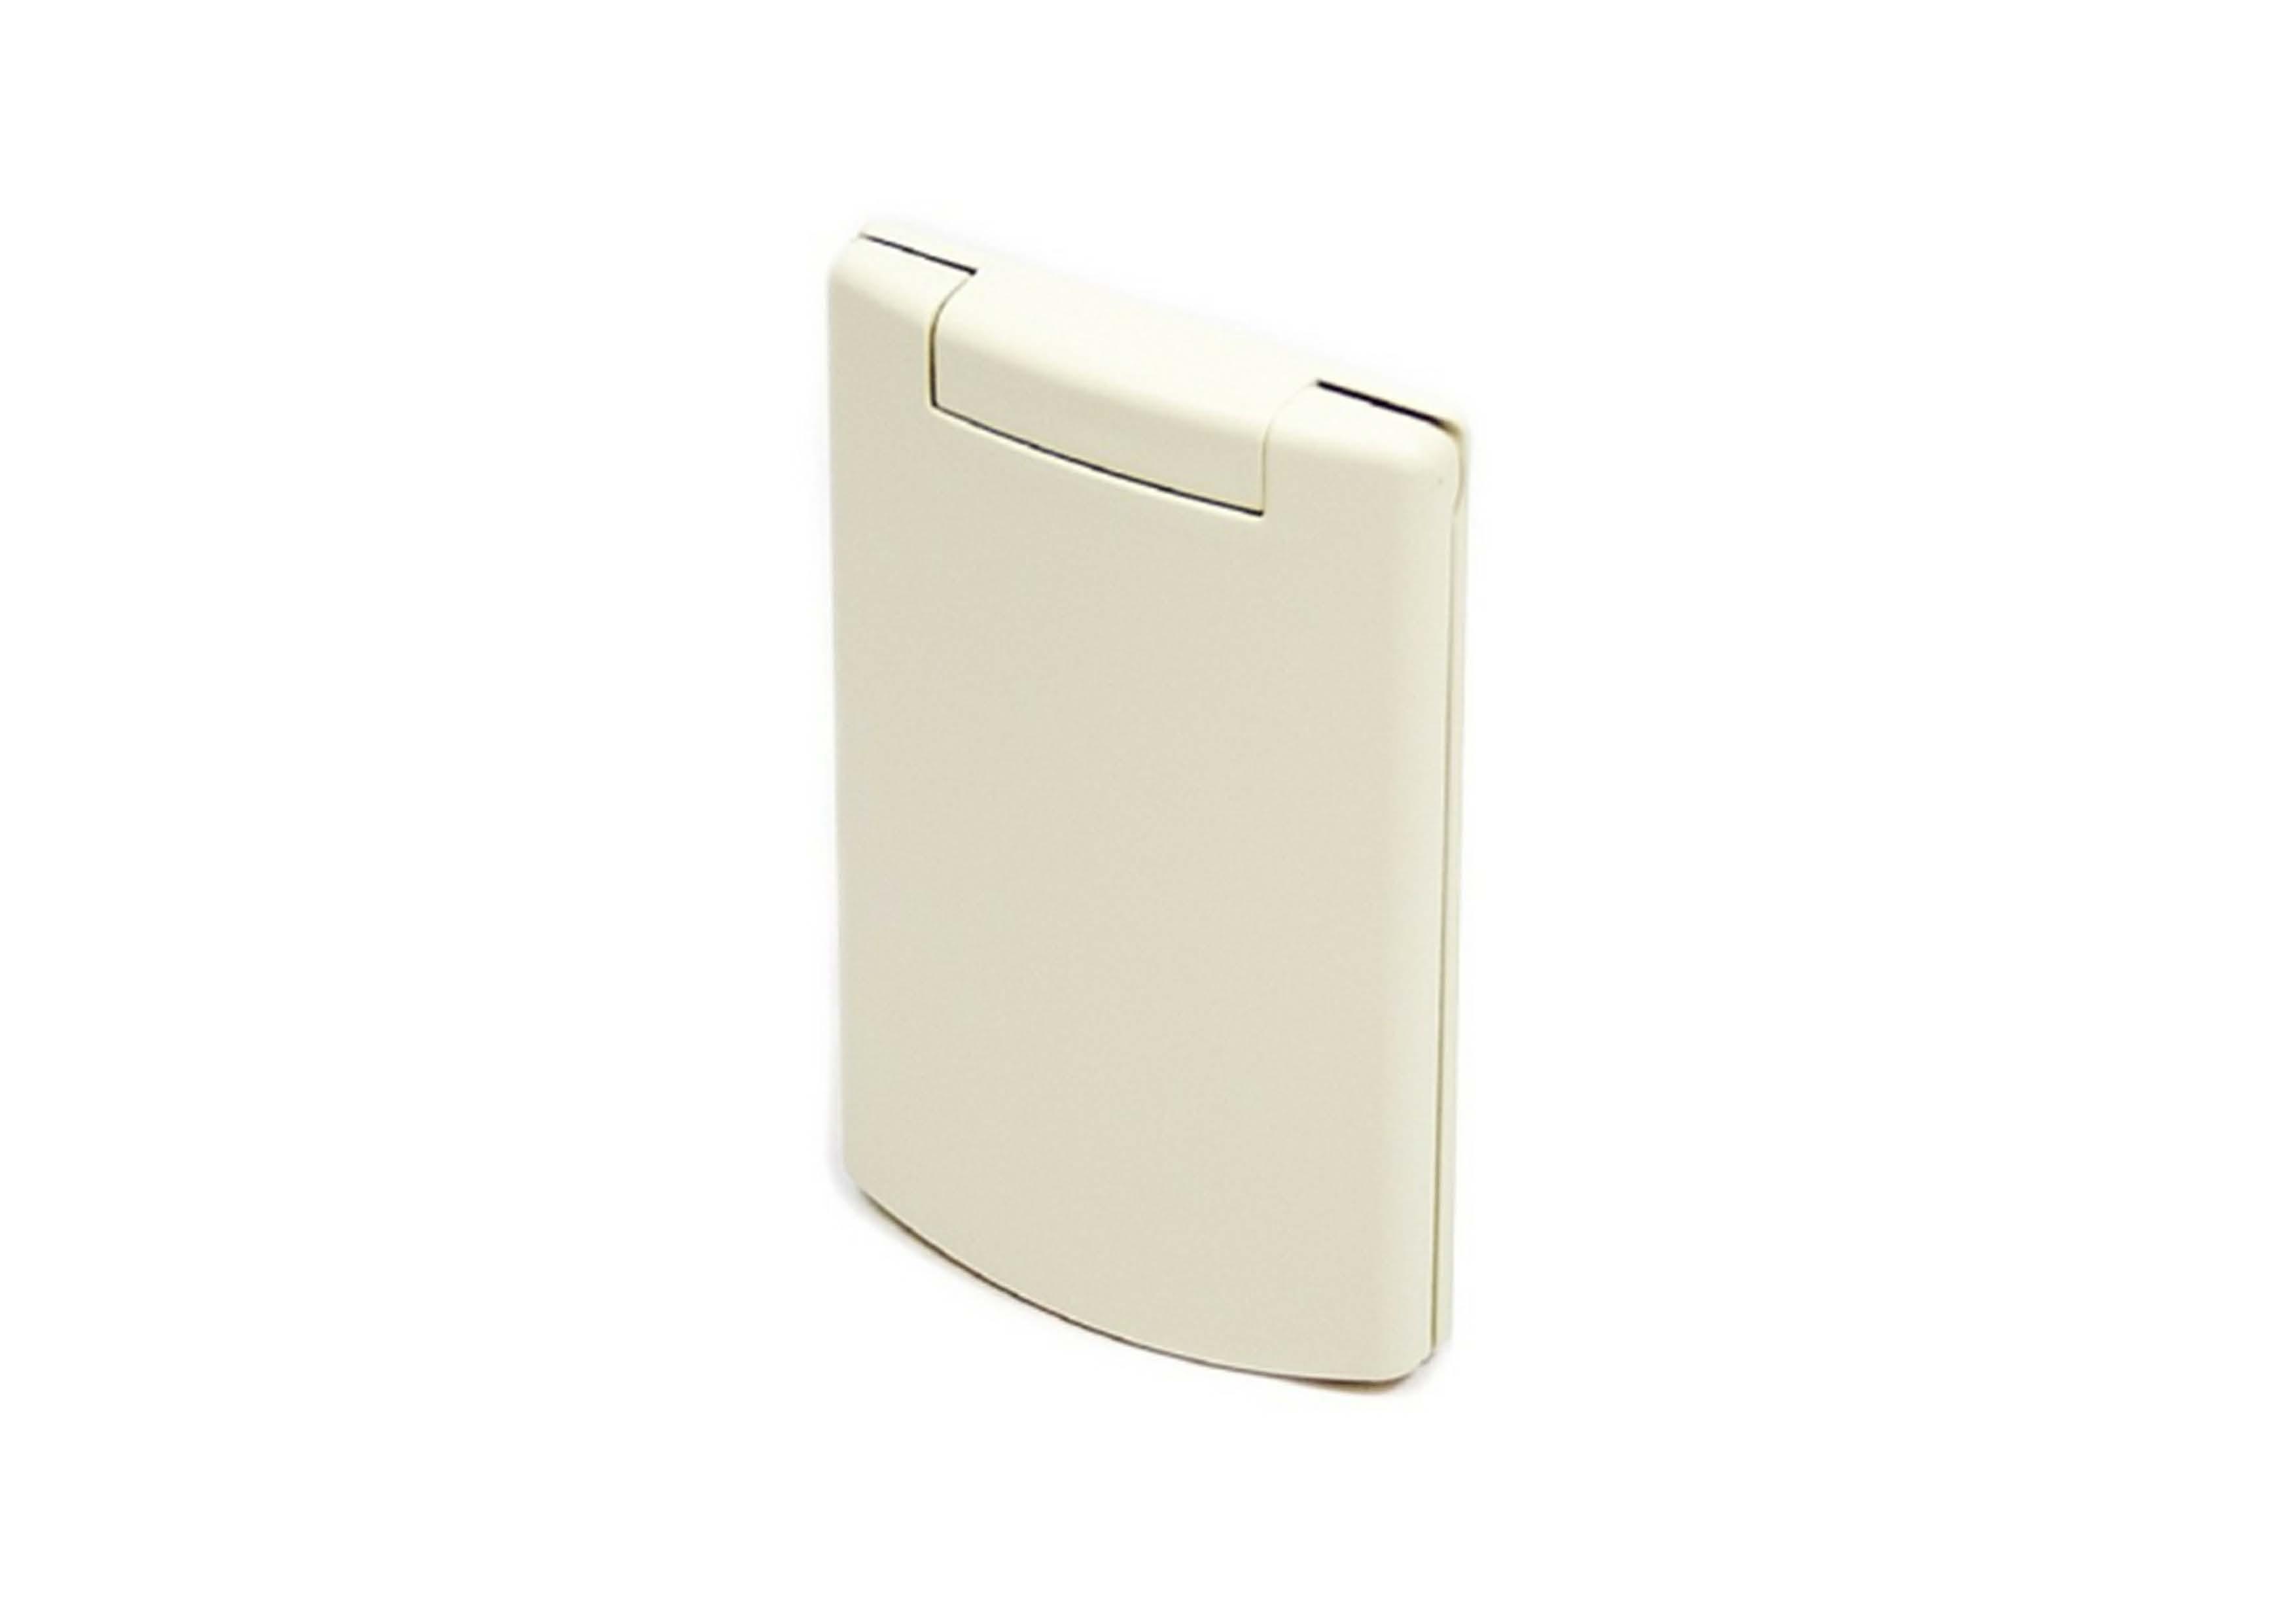 Вакуумна розетка R-VEX, колір кремовий